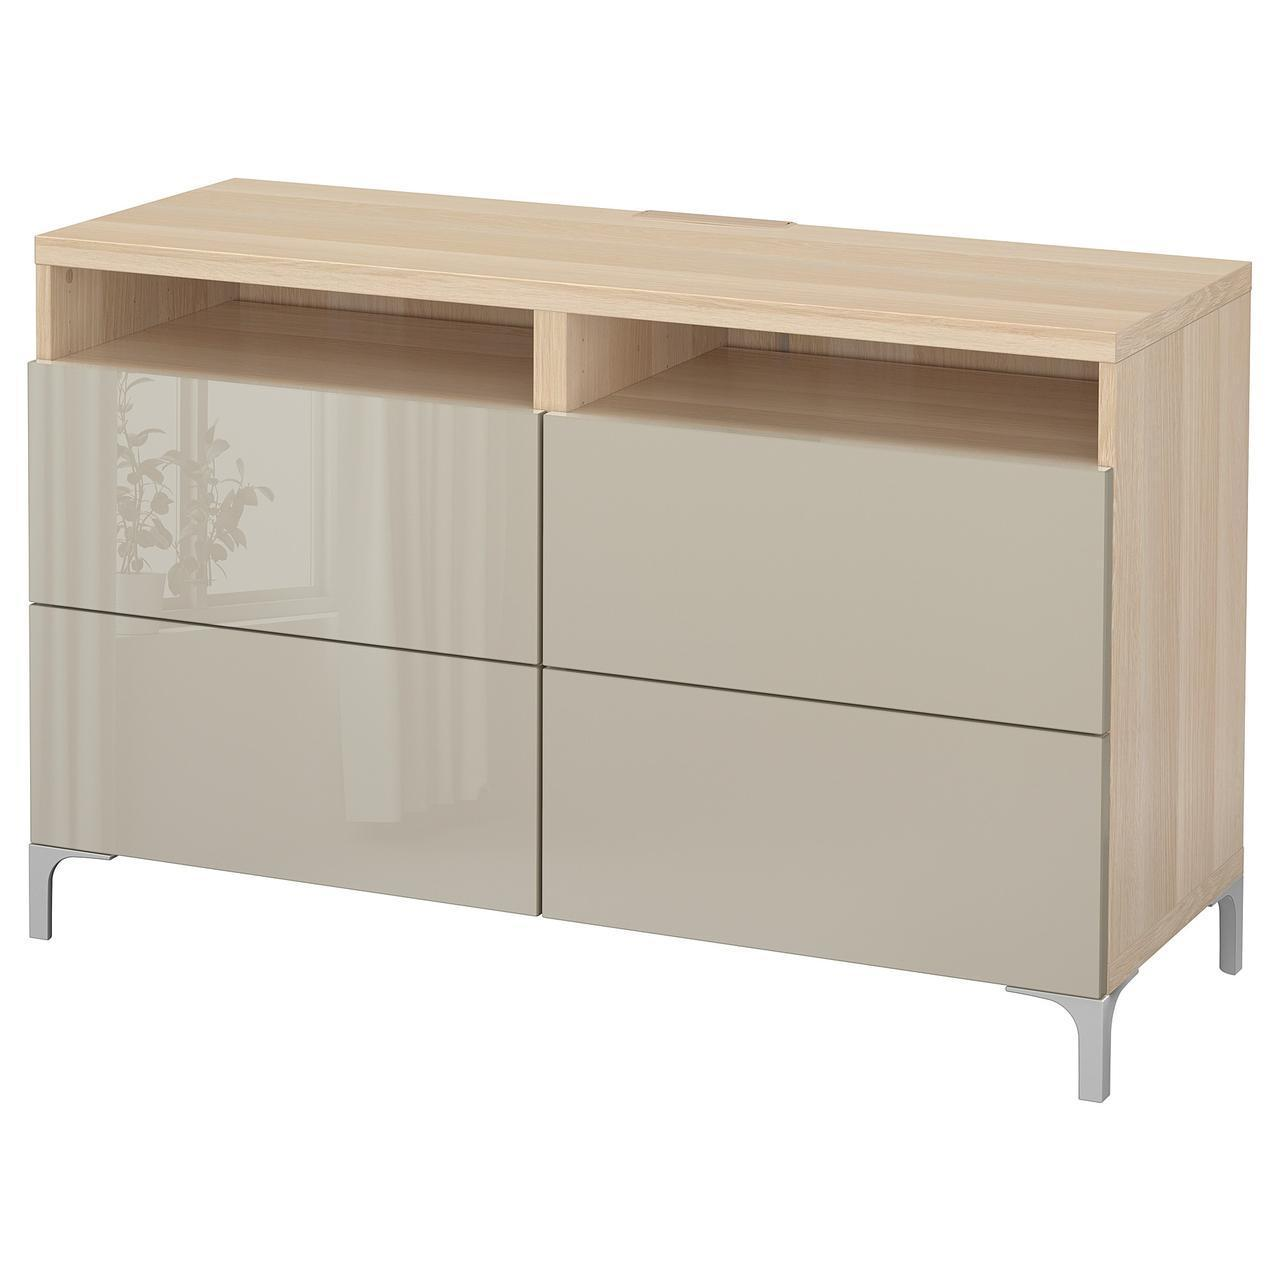 IKEA BESTA Тумба под телевизор с ящиками, белый дуб, Сельсвикен глянцевый/бежевый  (891.939.53)